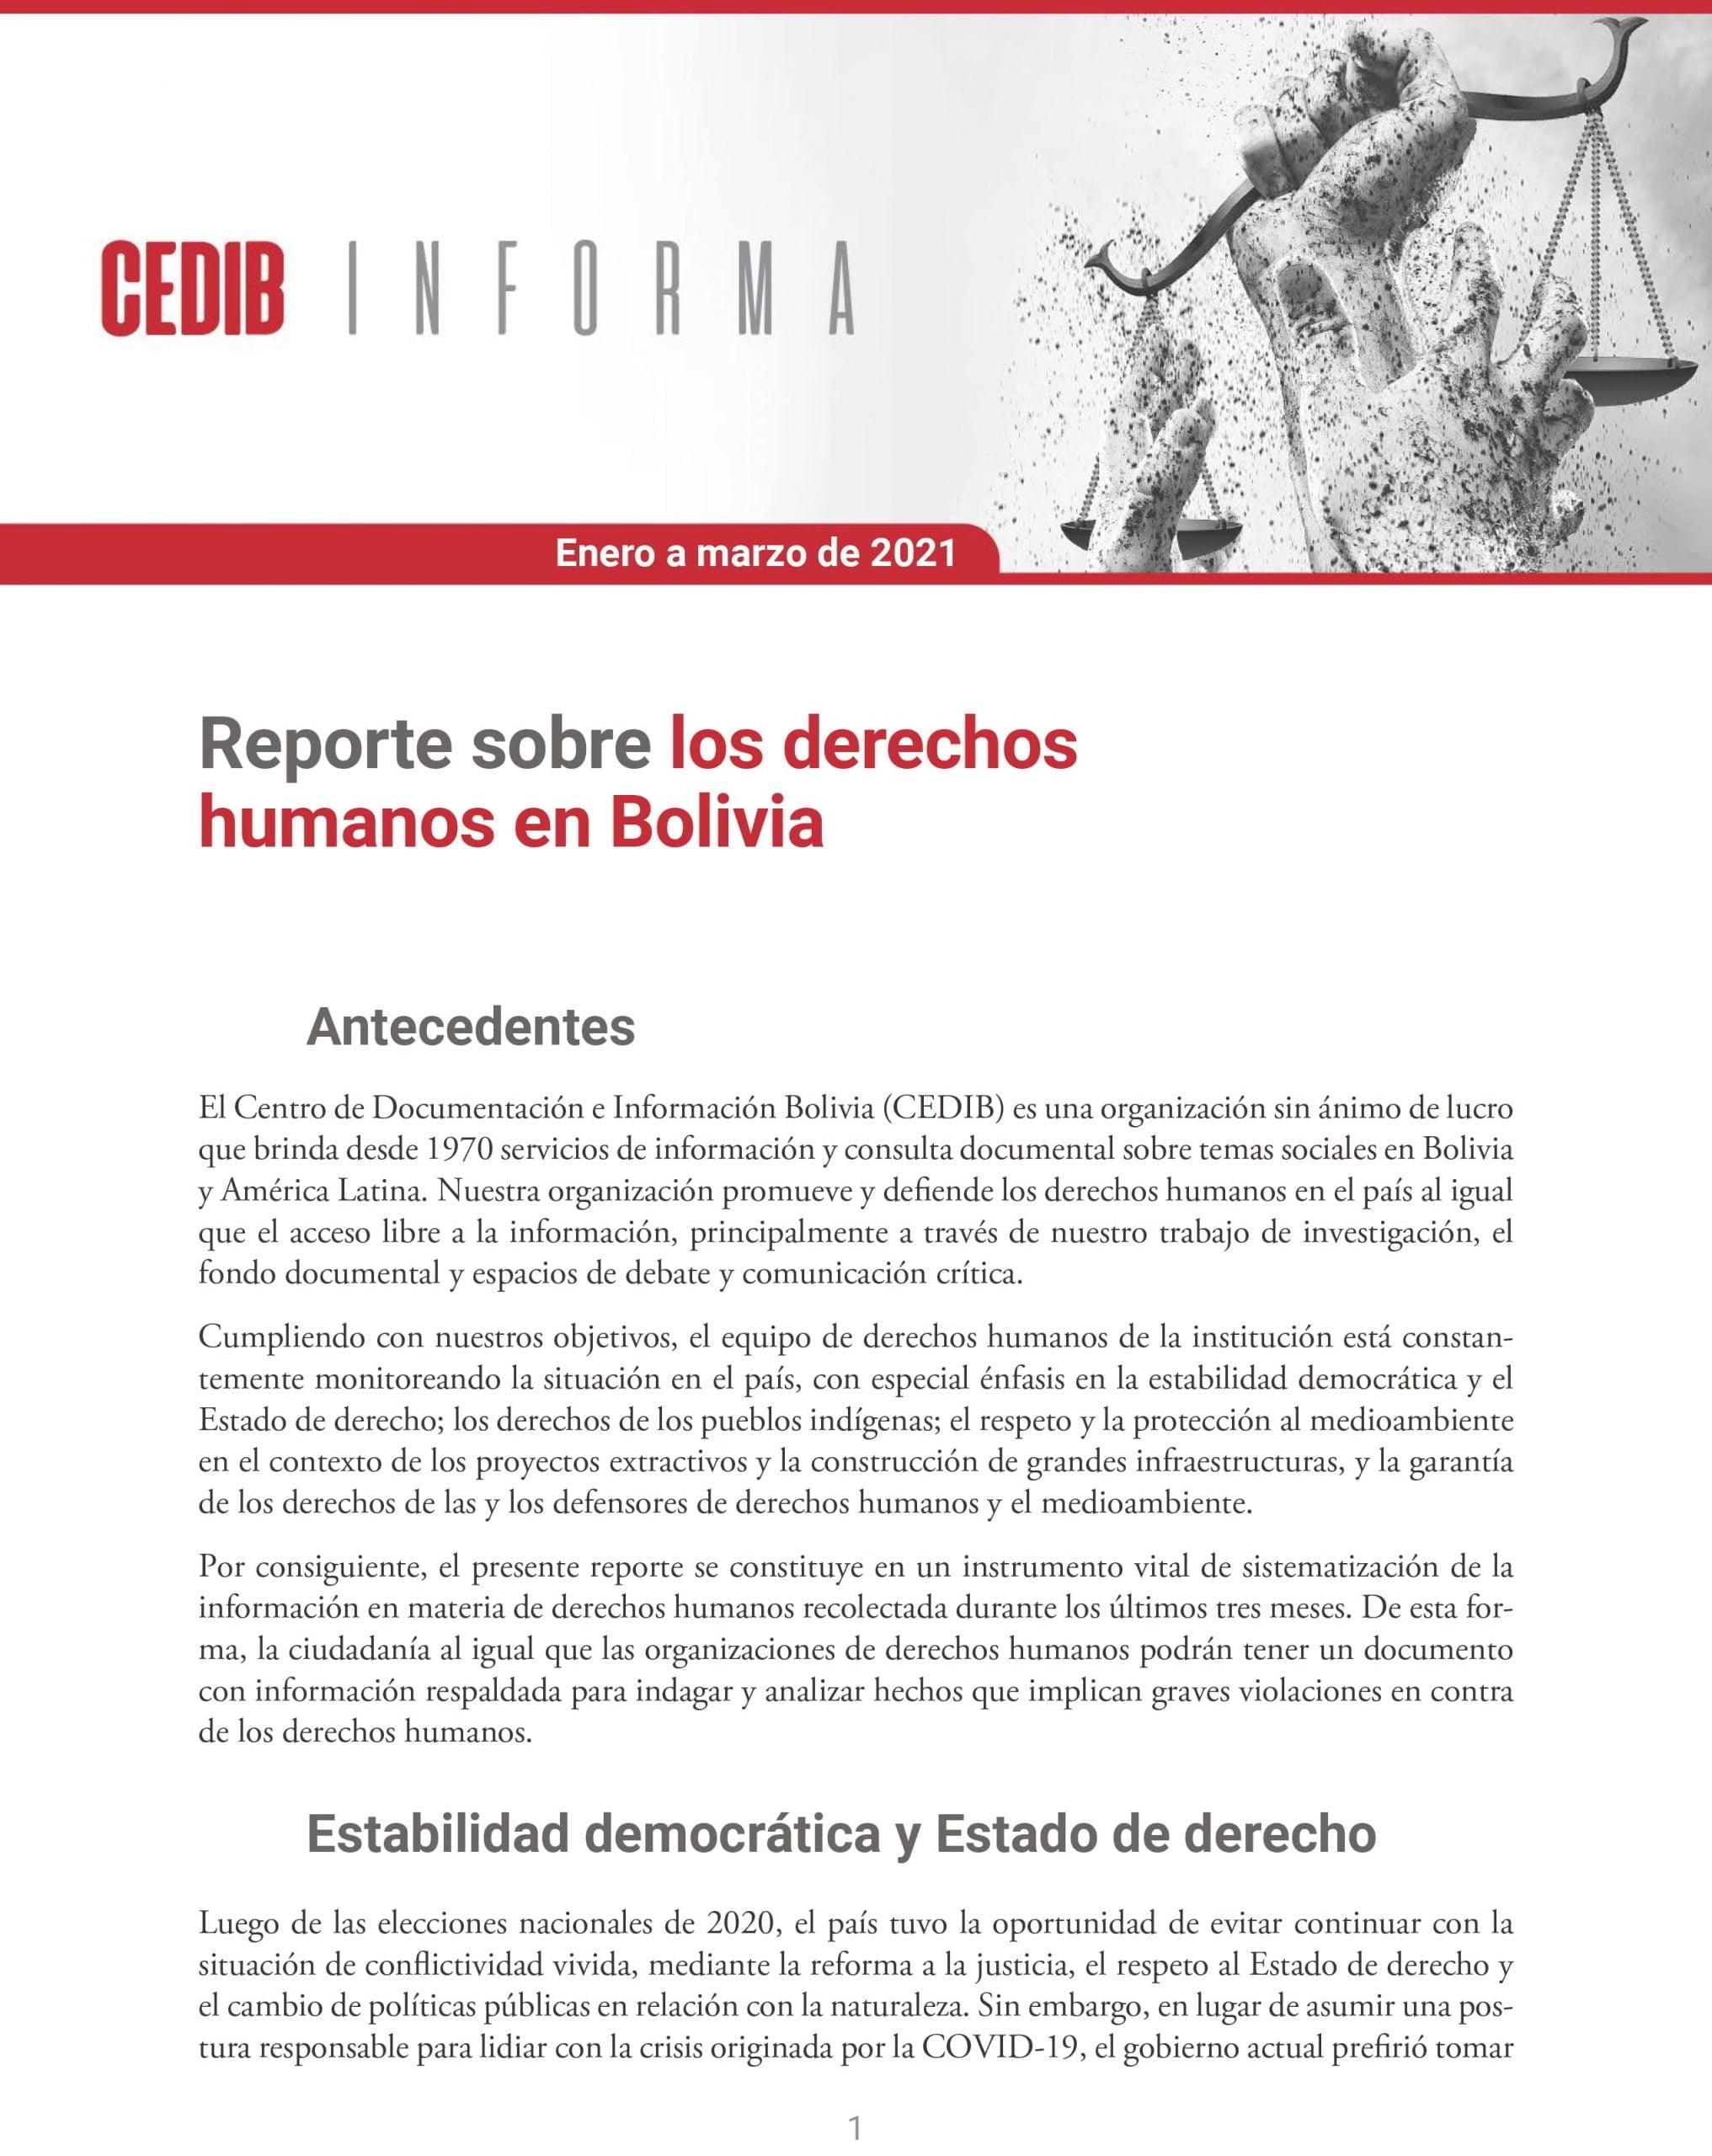 CEDIB Informa: Reporte sobre los derechos humanos en Bolivia (ene-mar 2021)